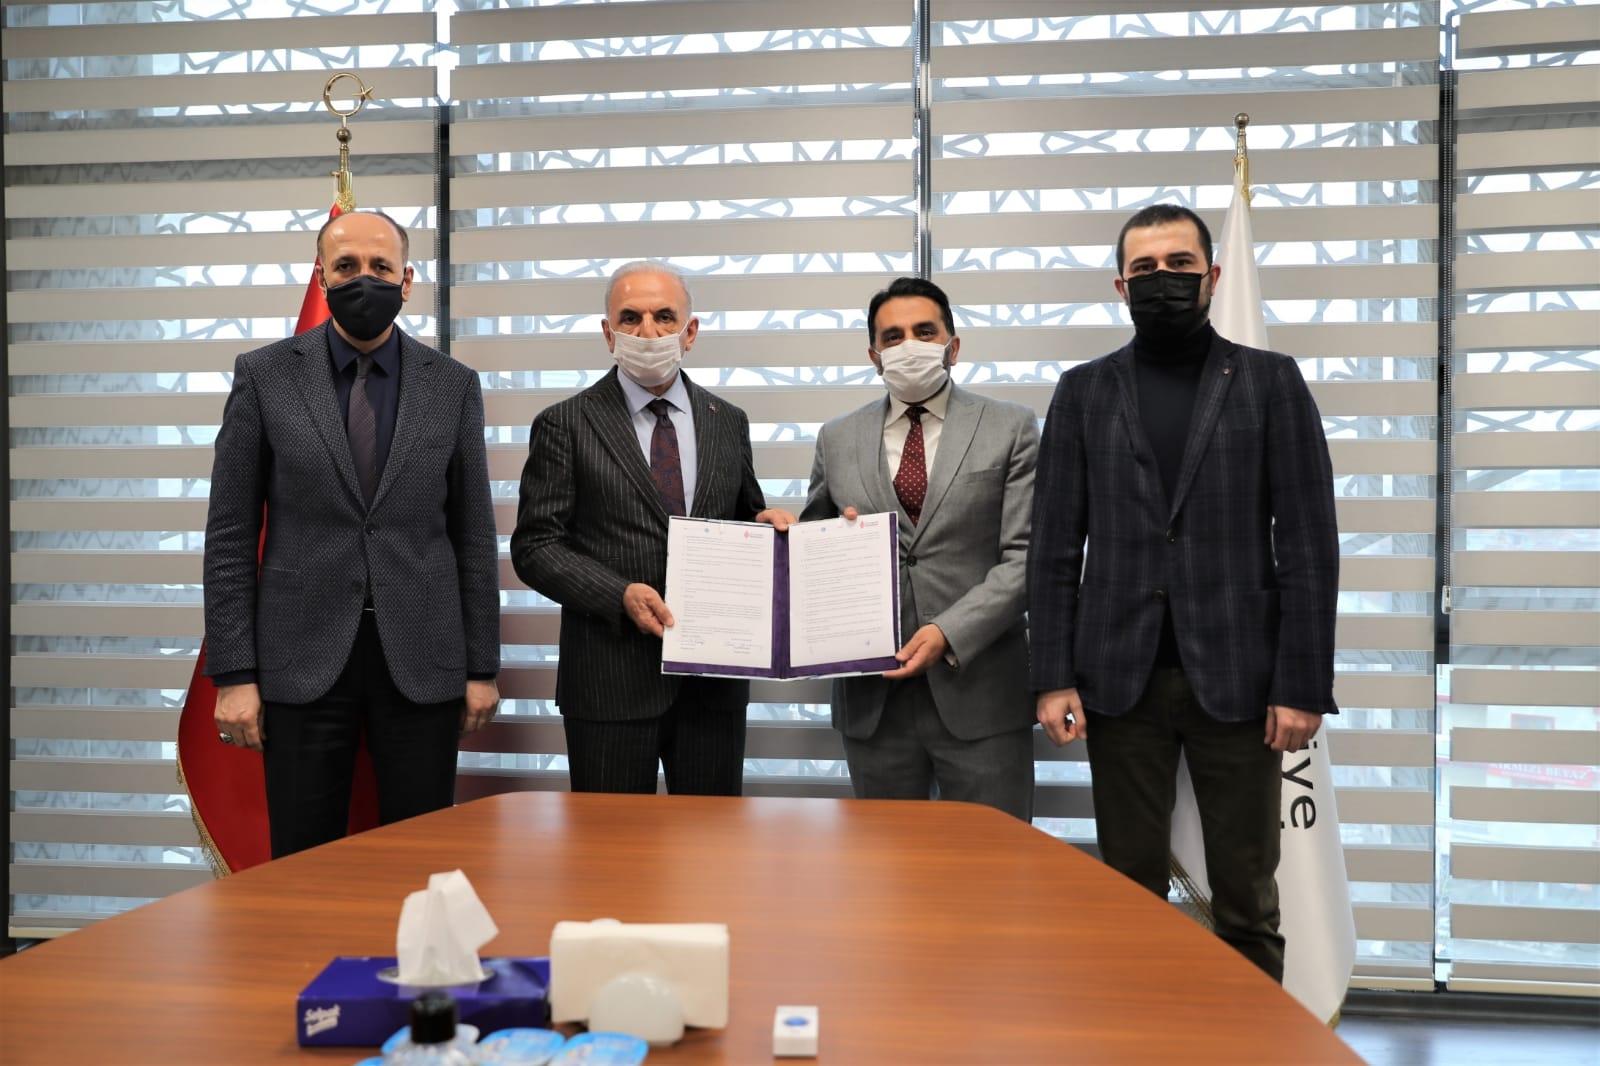 SC Belgelendirme İşbirliği ile İstanbul'da Bir İlk